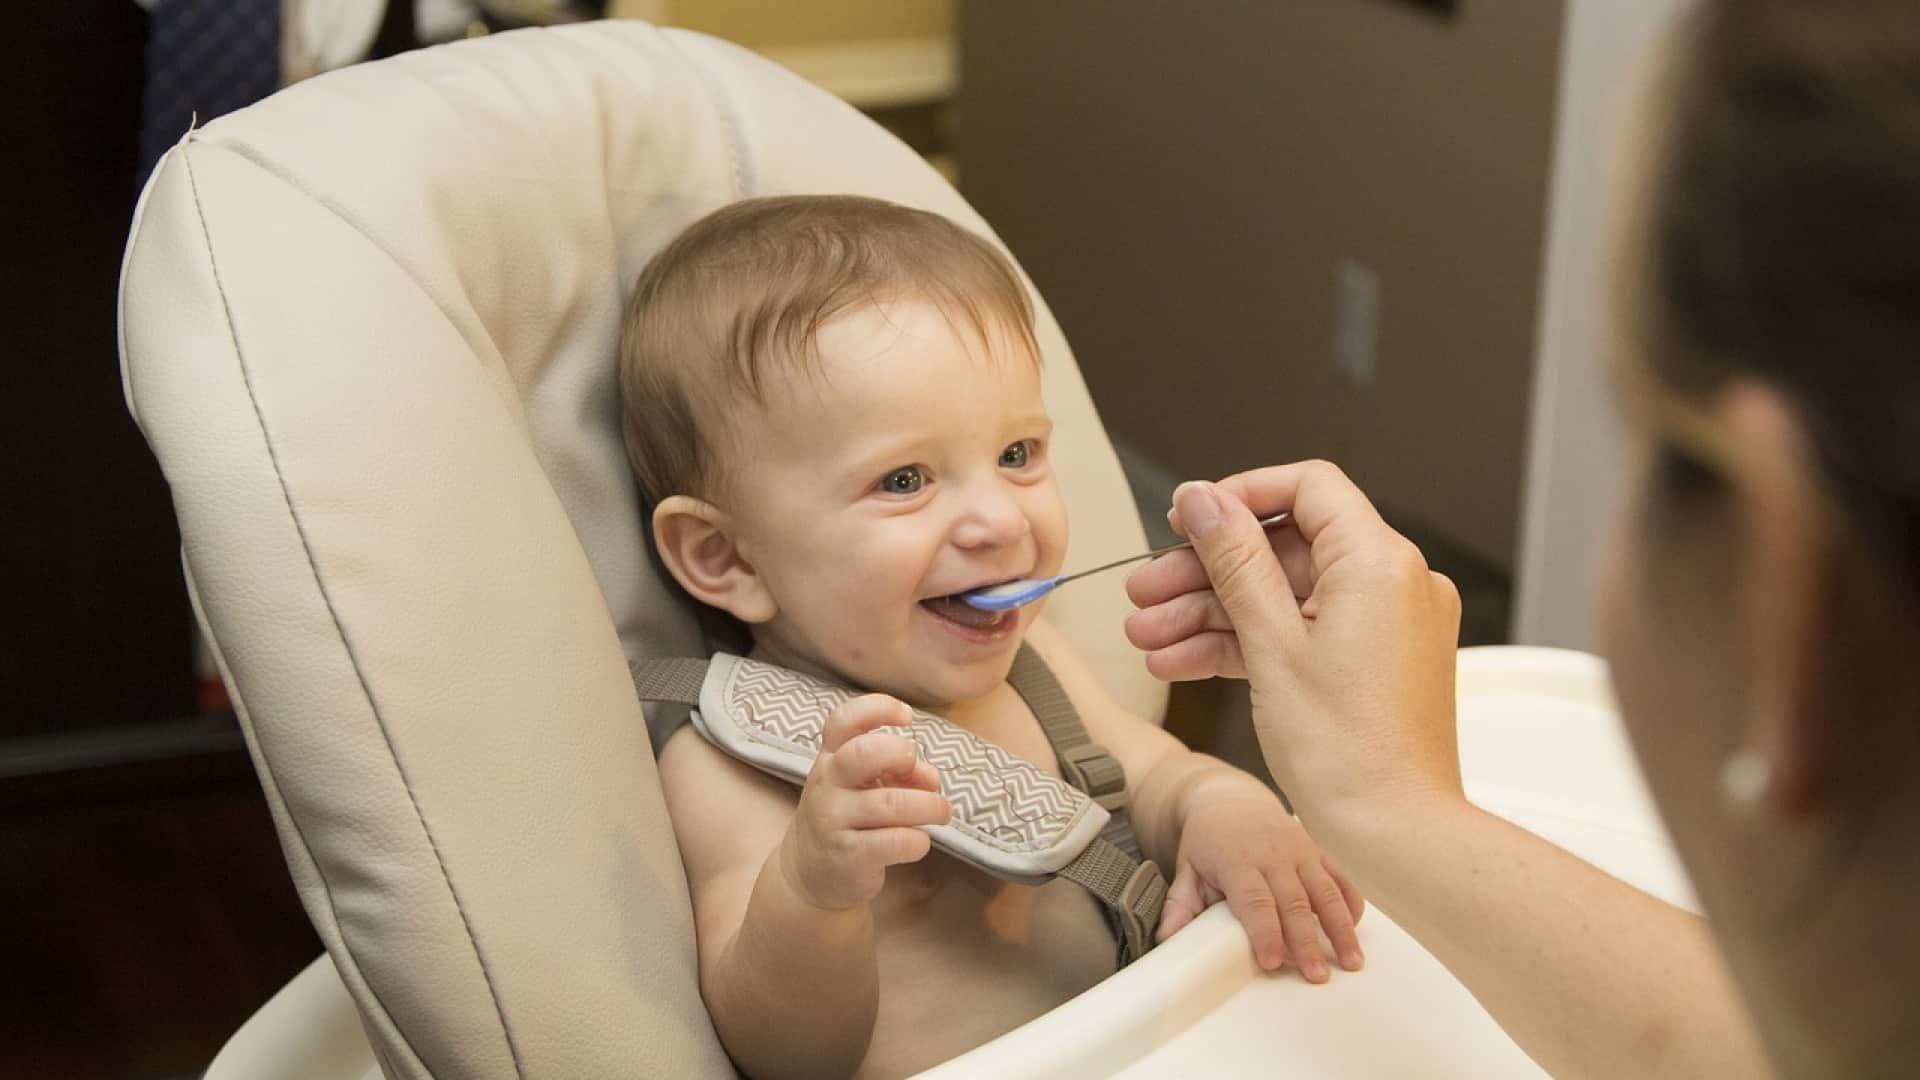 bien-choisir-la-cuillere-pour-nourrir-votre-bebe